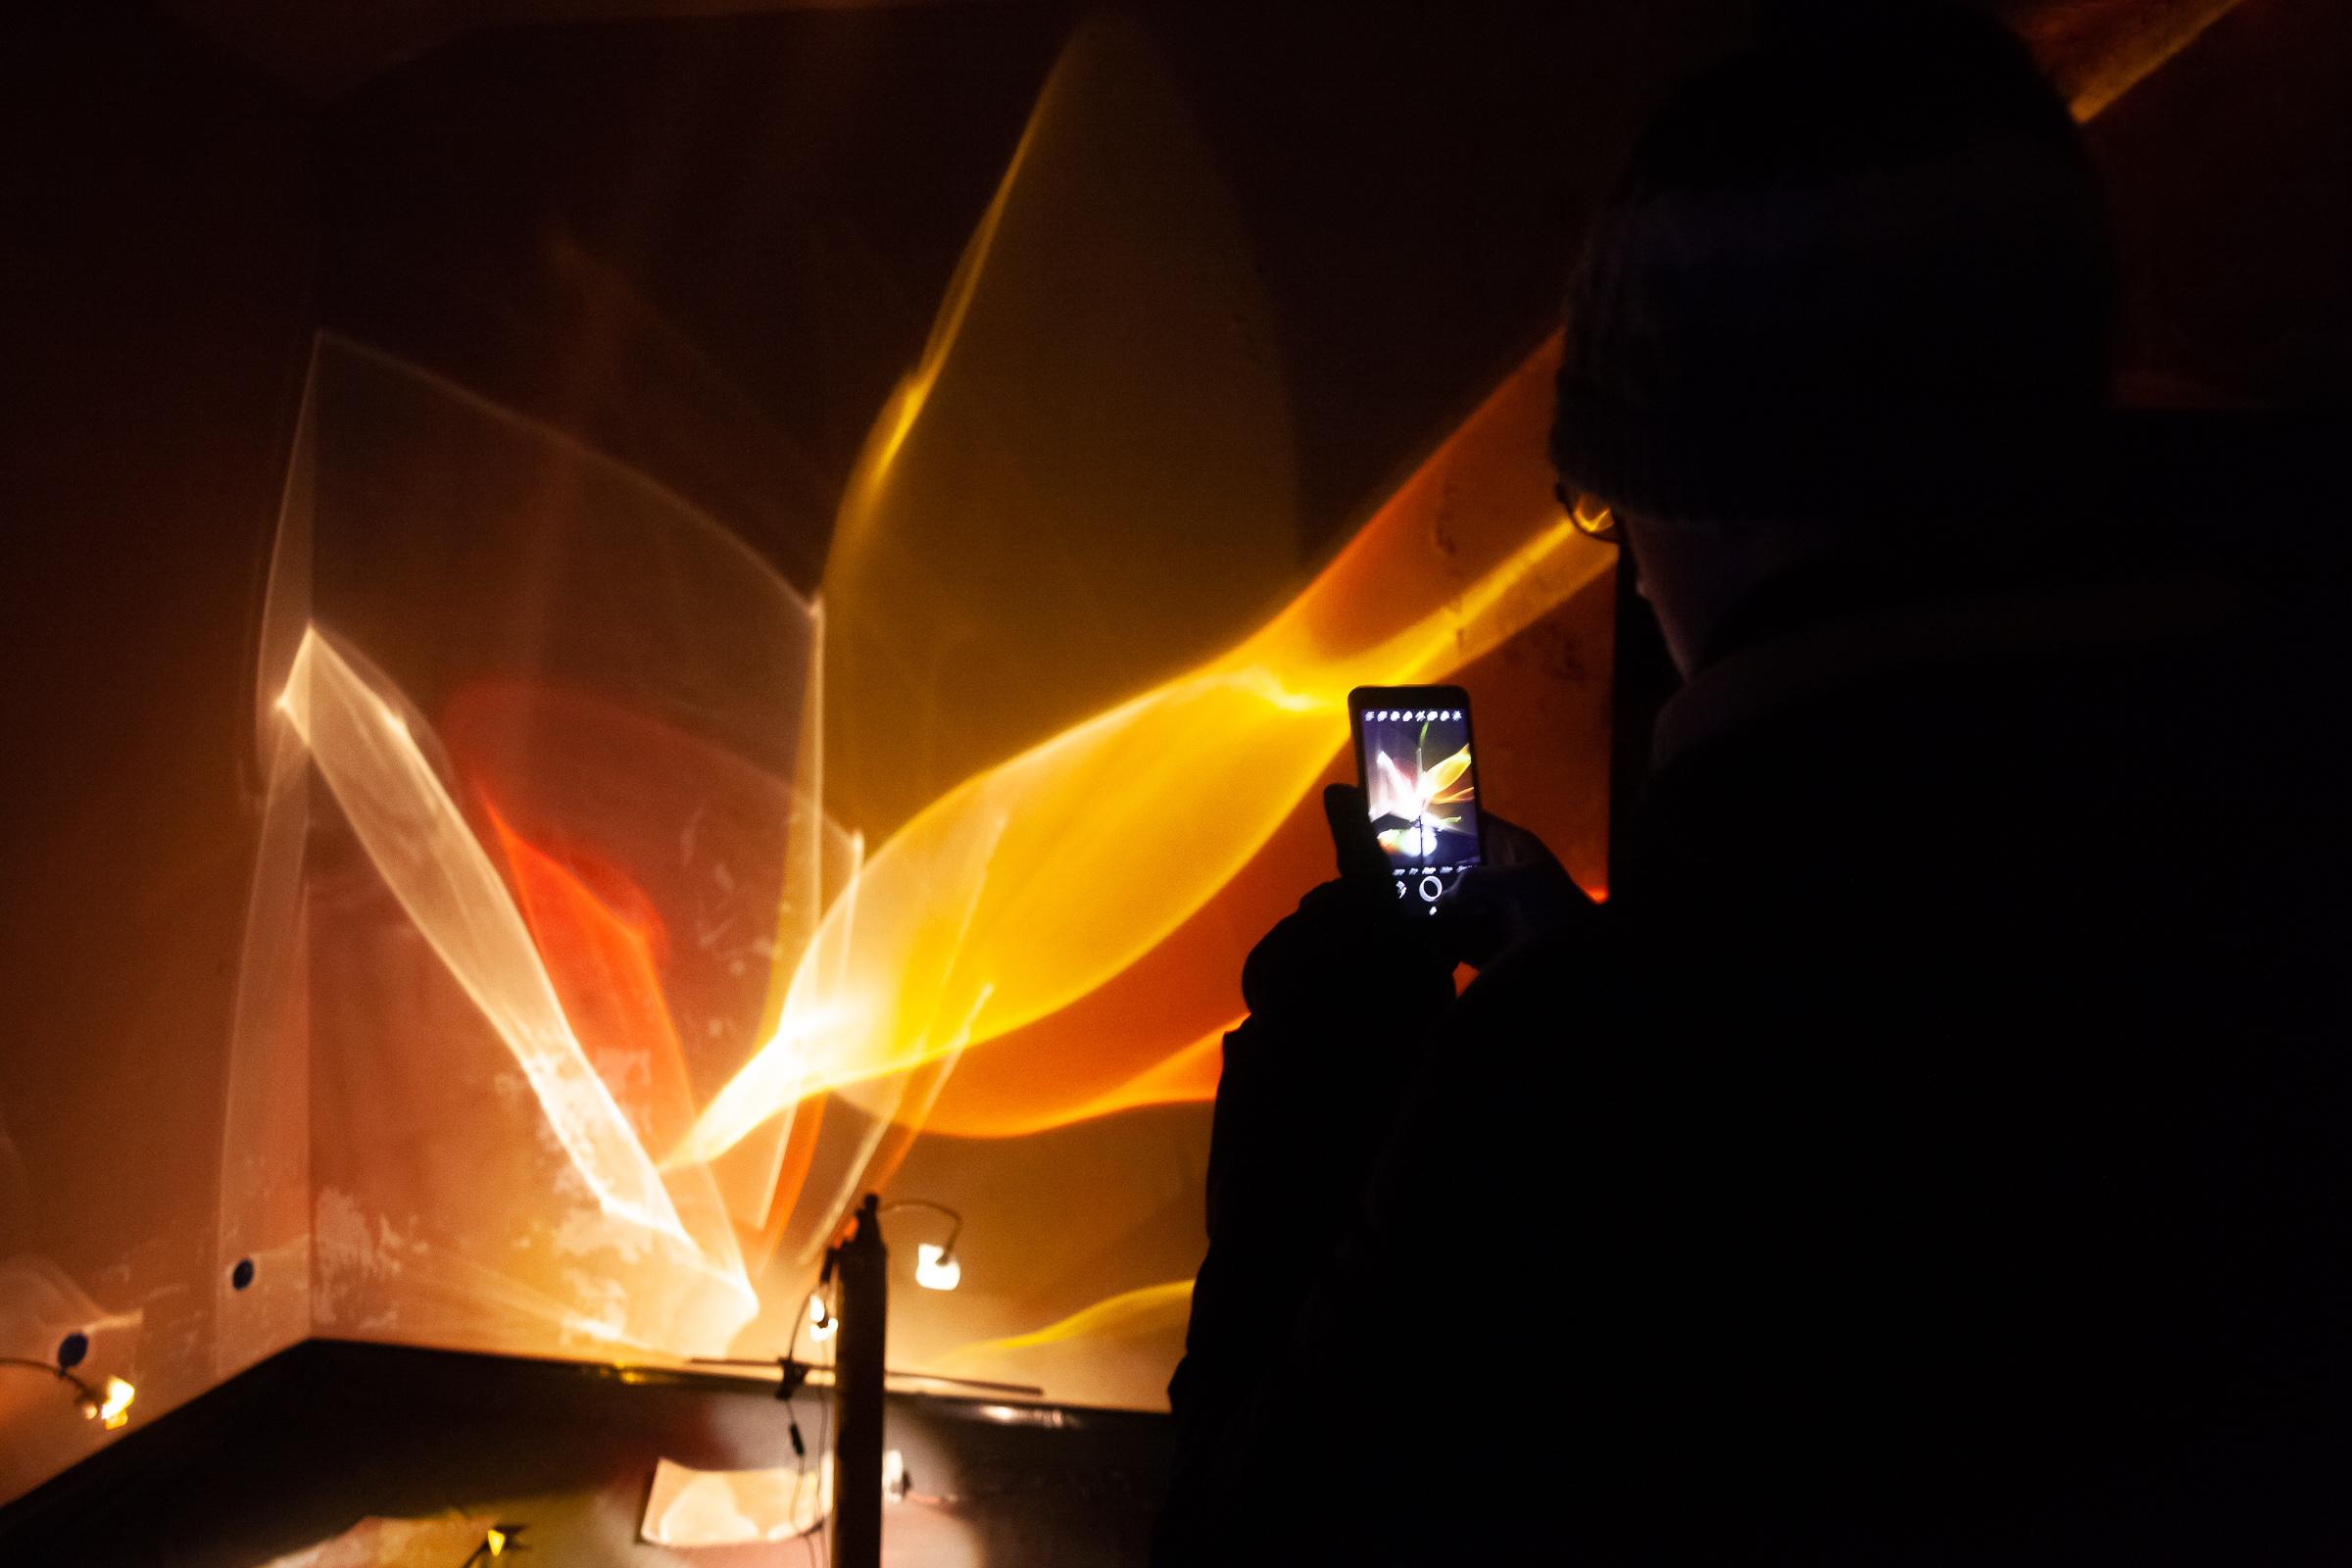 Не темно, фестиваль света, фестивали Екатеринбурга, куда сходить Екатеринбург, Свердловская область